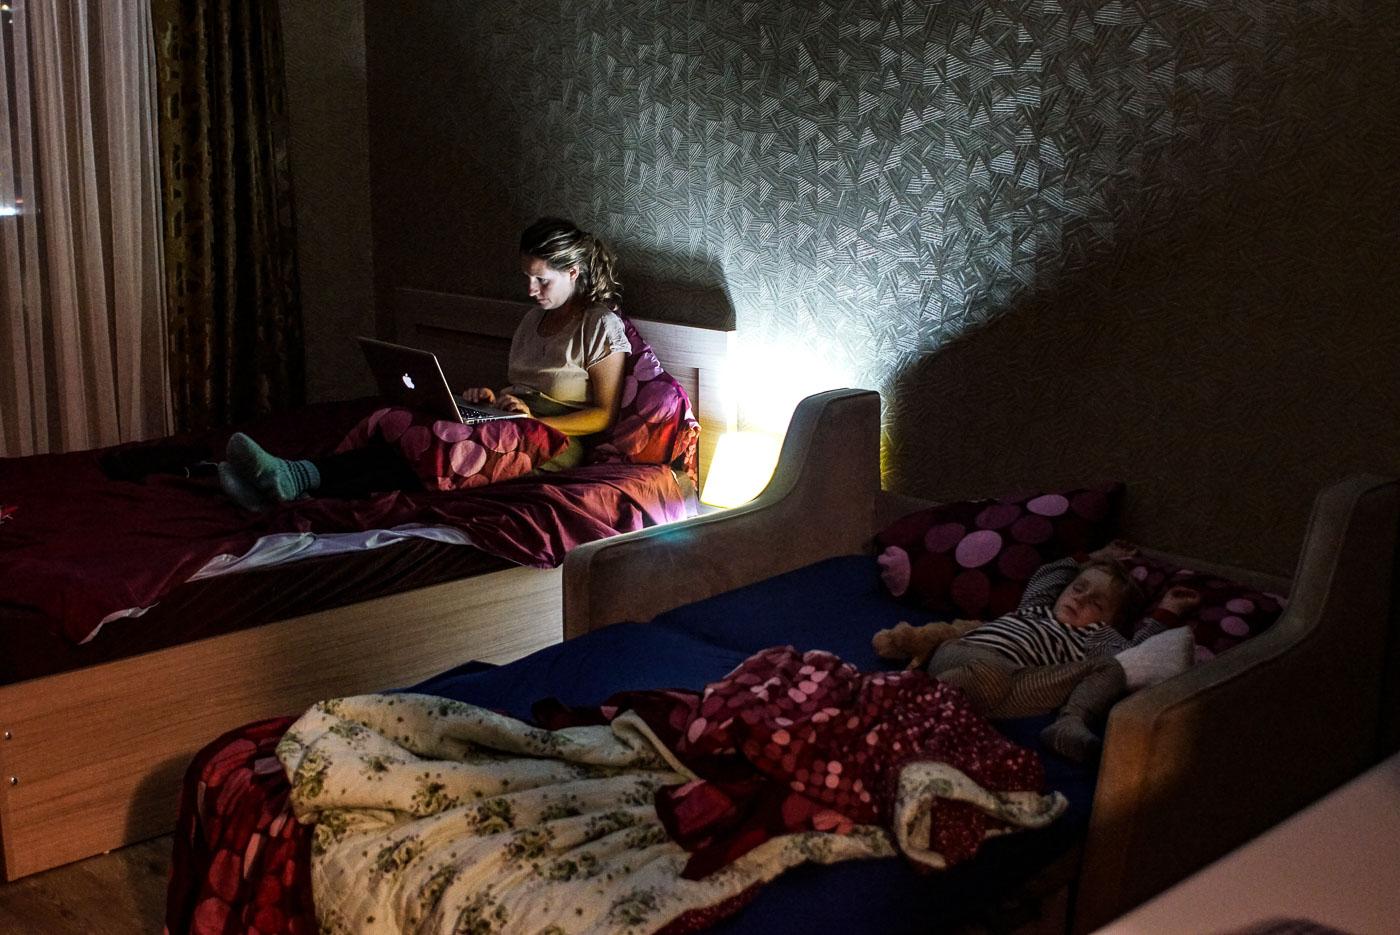 Zu sehen ist, wie Lea in unserem Apartment in Batumi am Laptop Arbeit. Luk liegt daneben auf der Schlafcouch und schläft friedlich.